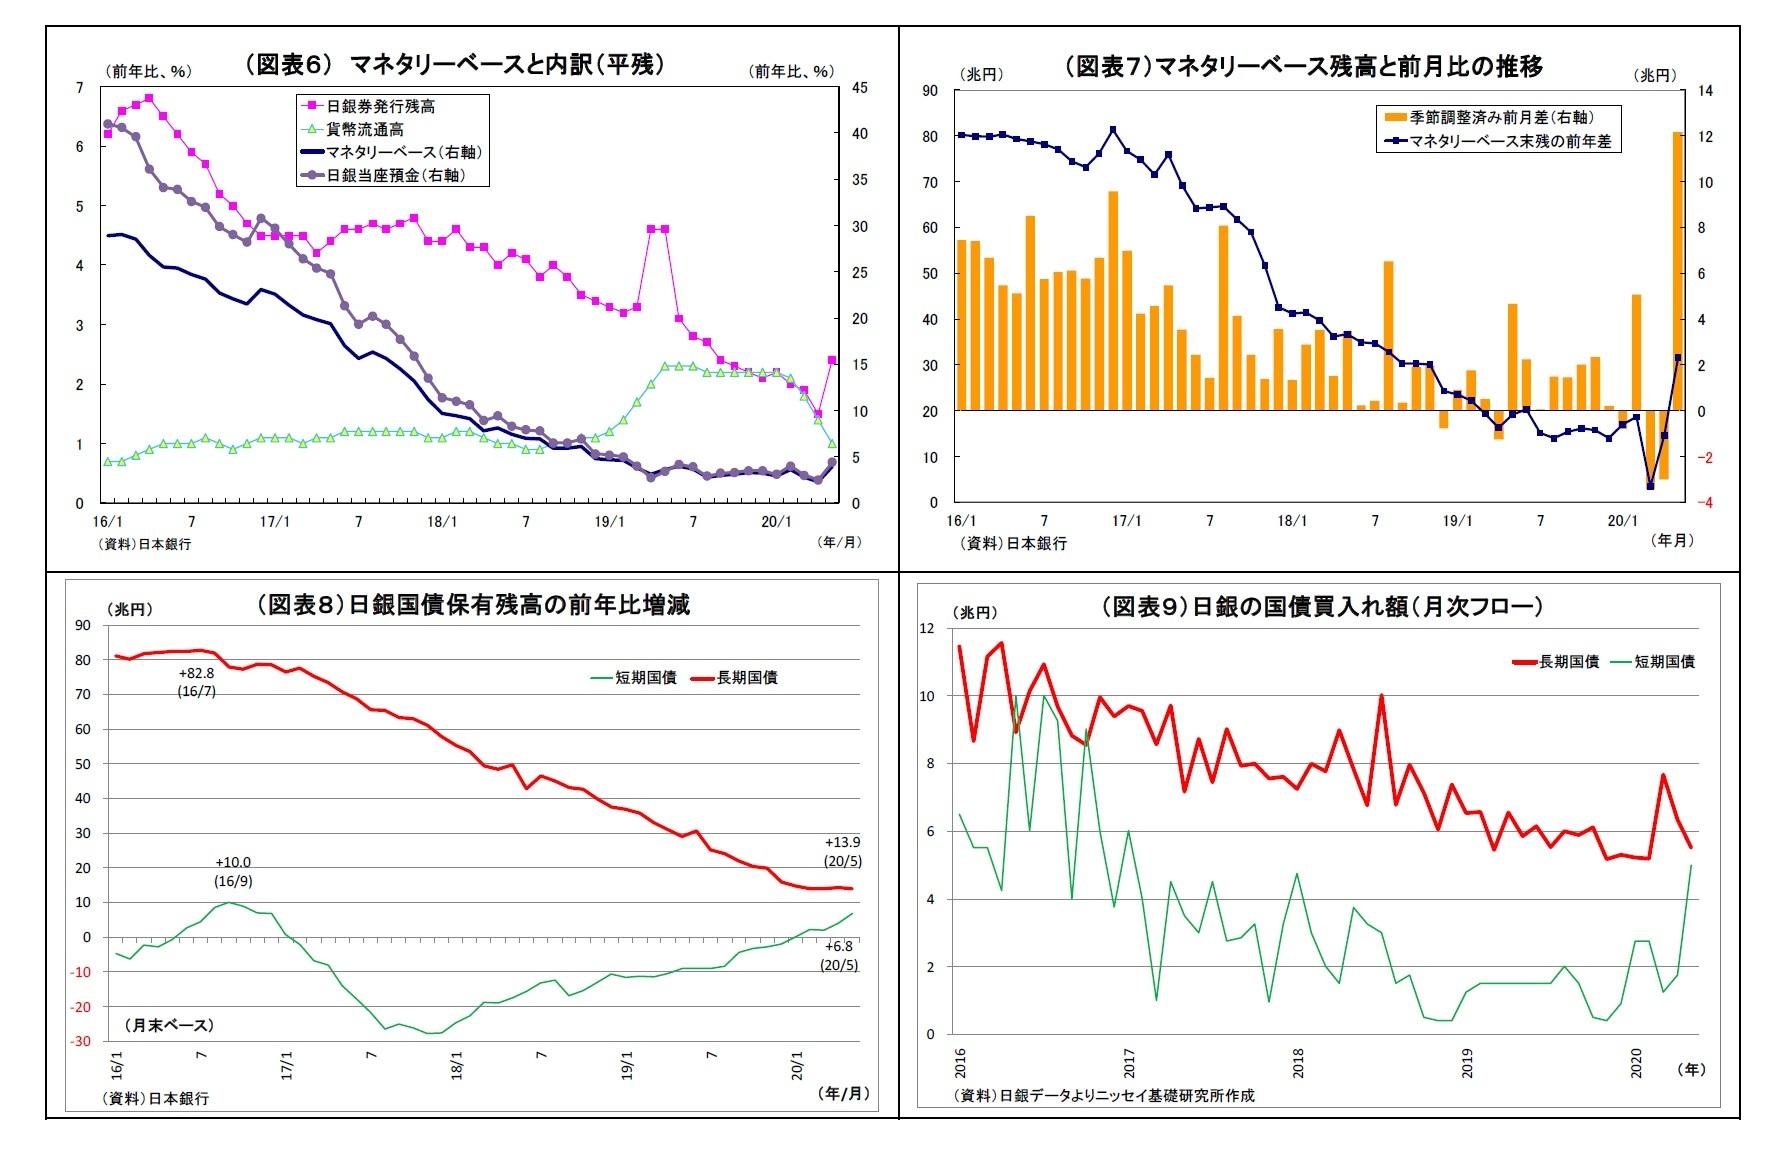 (図表6) マネタリーベースと内訳(平残)/(図表7)マネタリーベース残高と前月比の推移/(図表8)日銀国債保有残高の前年比増減/(図表9)日銀の国債買入れ額(月次フロー)